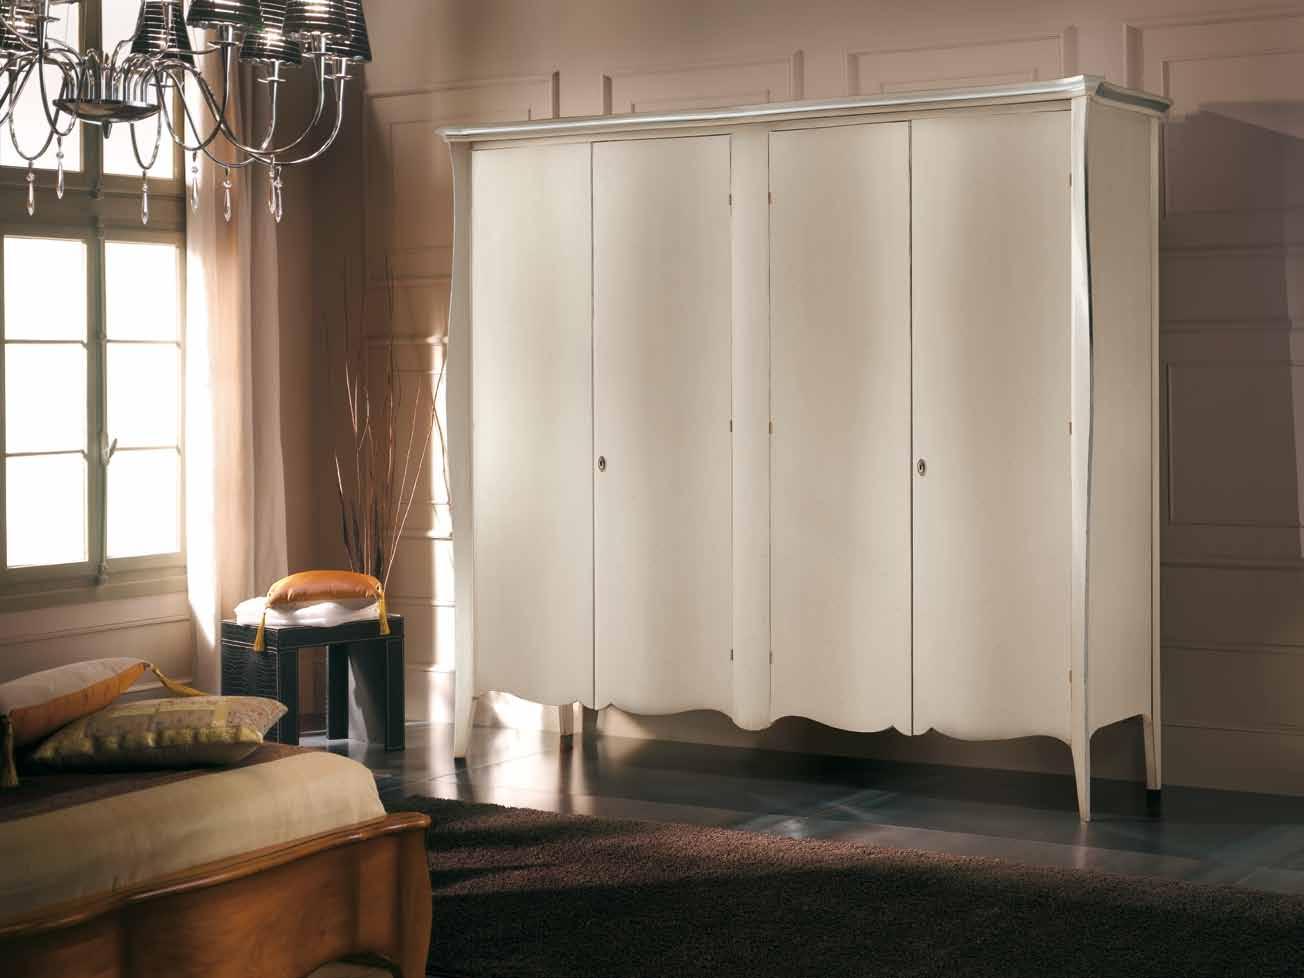 Armario Lavanderia Aereo ~ Dconfianza Ideas para crear un dormitorio con estilo vintage Dconfianza